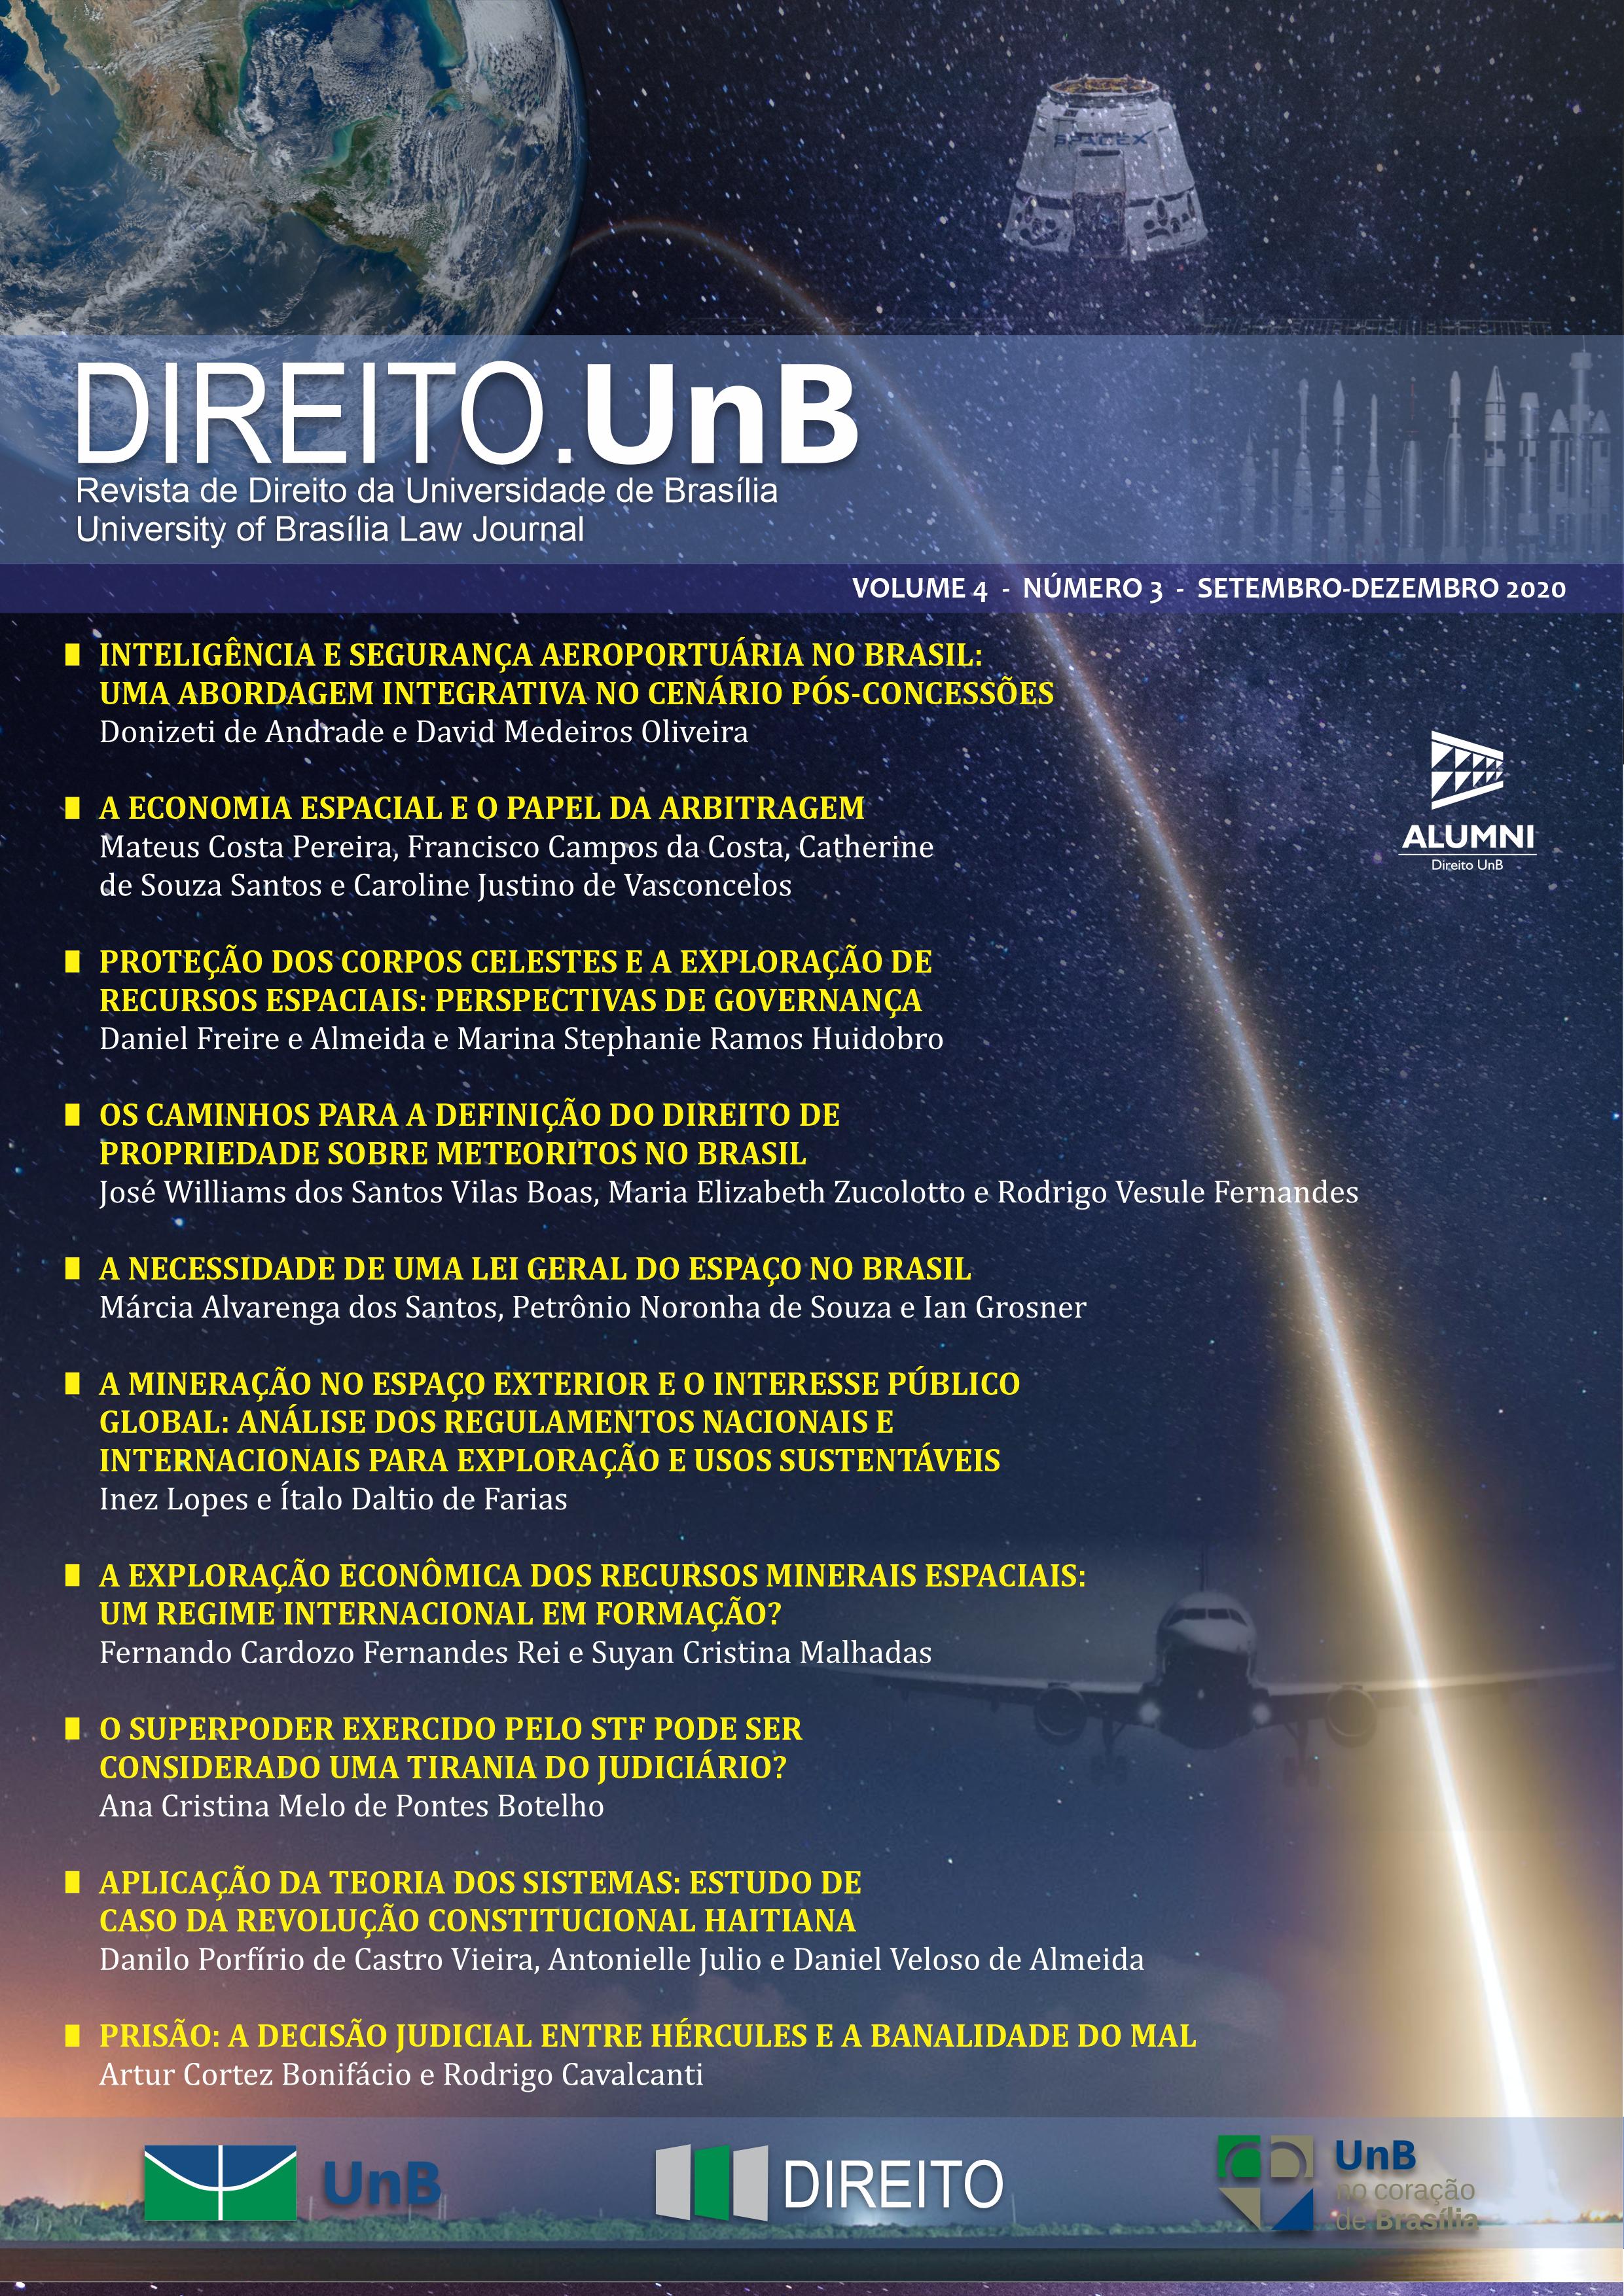 Capa da Revista Direito.UnB Volume 4, Número 3 - Edição Especial - Aviação Civil e Direito Espacial: aspectos regulatórios nacionais e internacionais